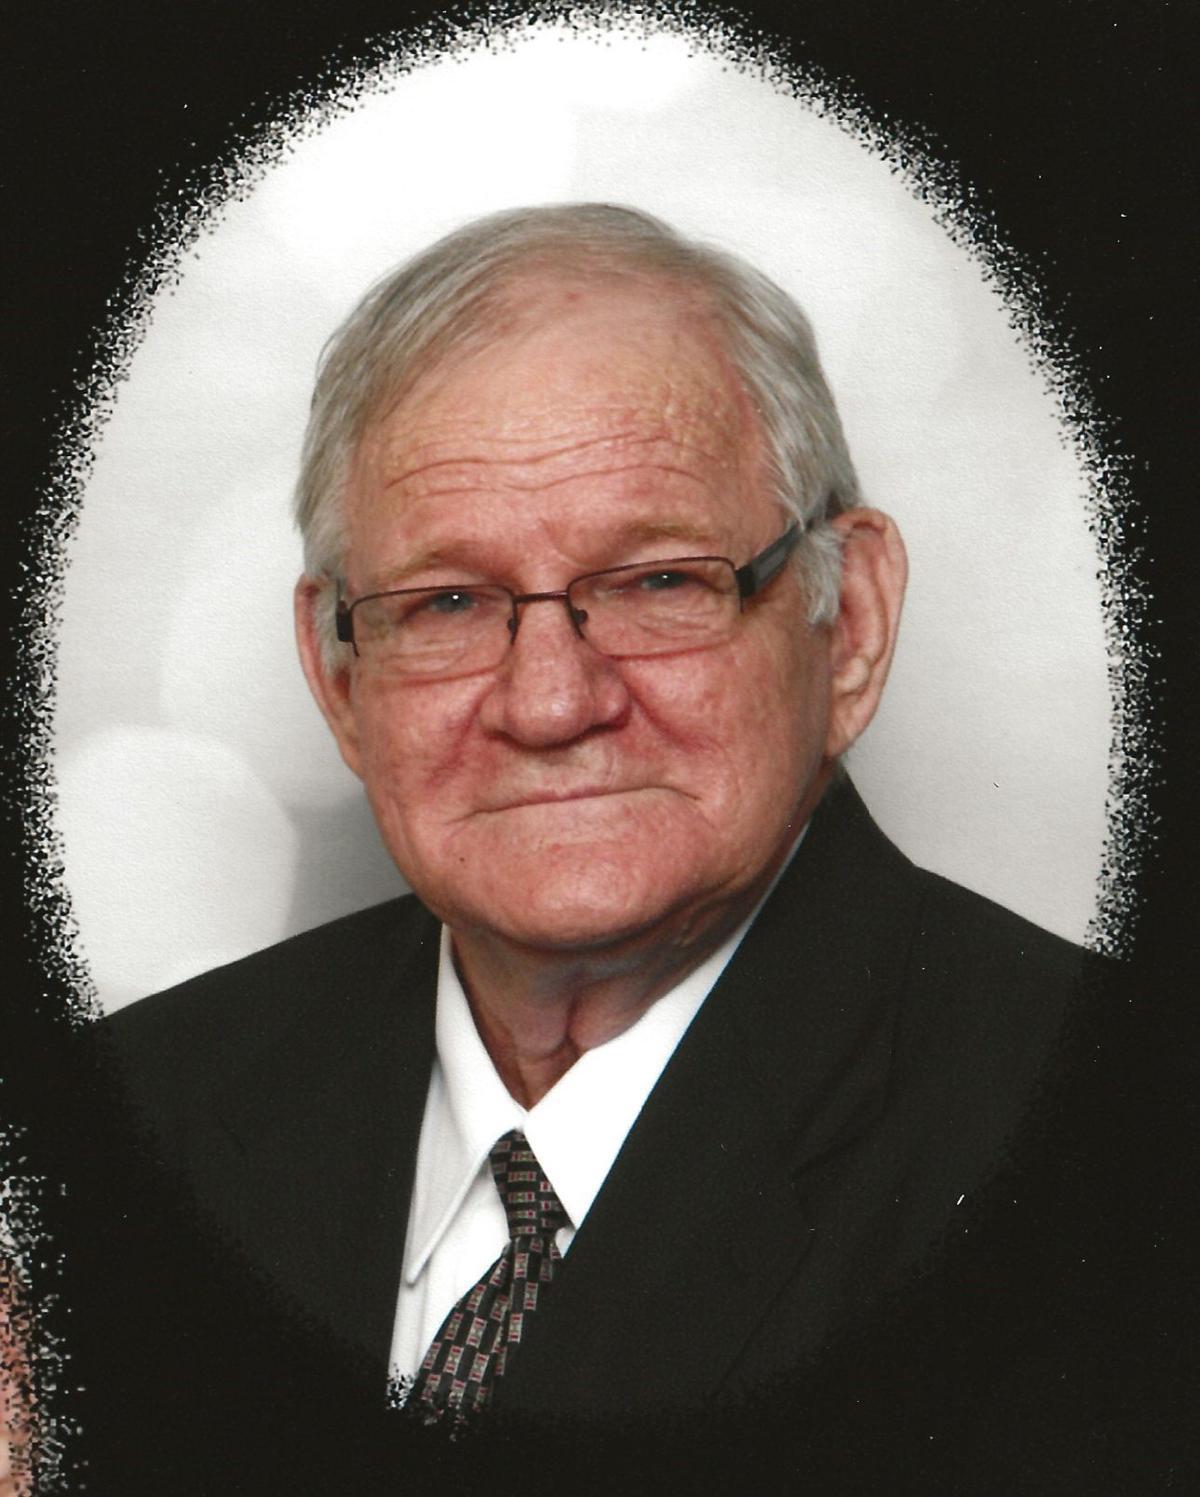 Carl Heginger, Jr